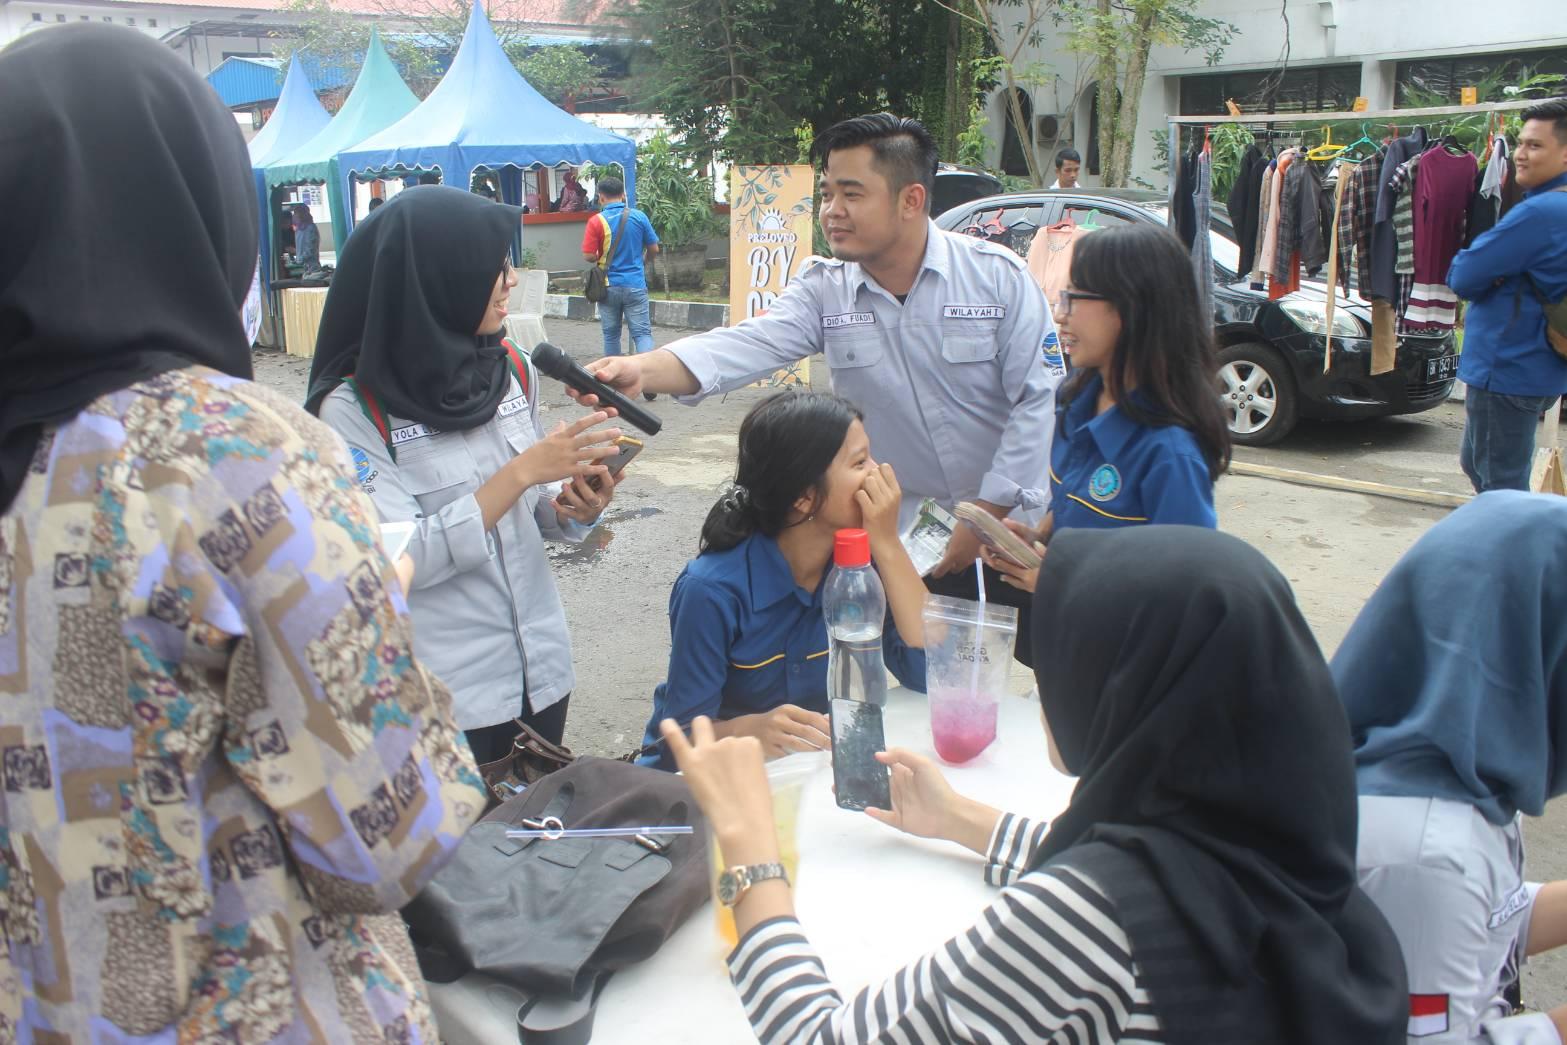 Keseruan yang dibawakan MC saat menghampiri para pengunjung dalam acara IMABI Entrepreneur Day. (2/5) (Sumber foto : dokumentasi panitia penyelenggara)